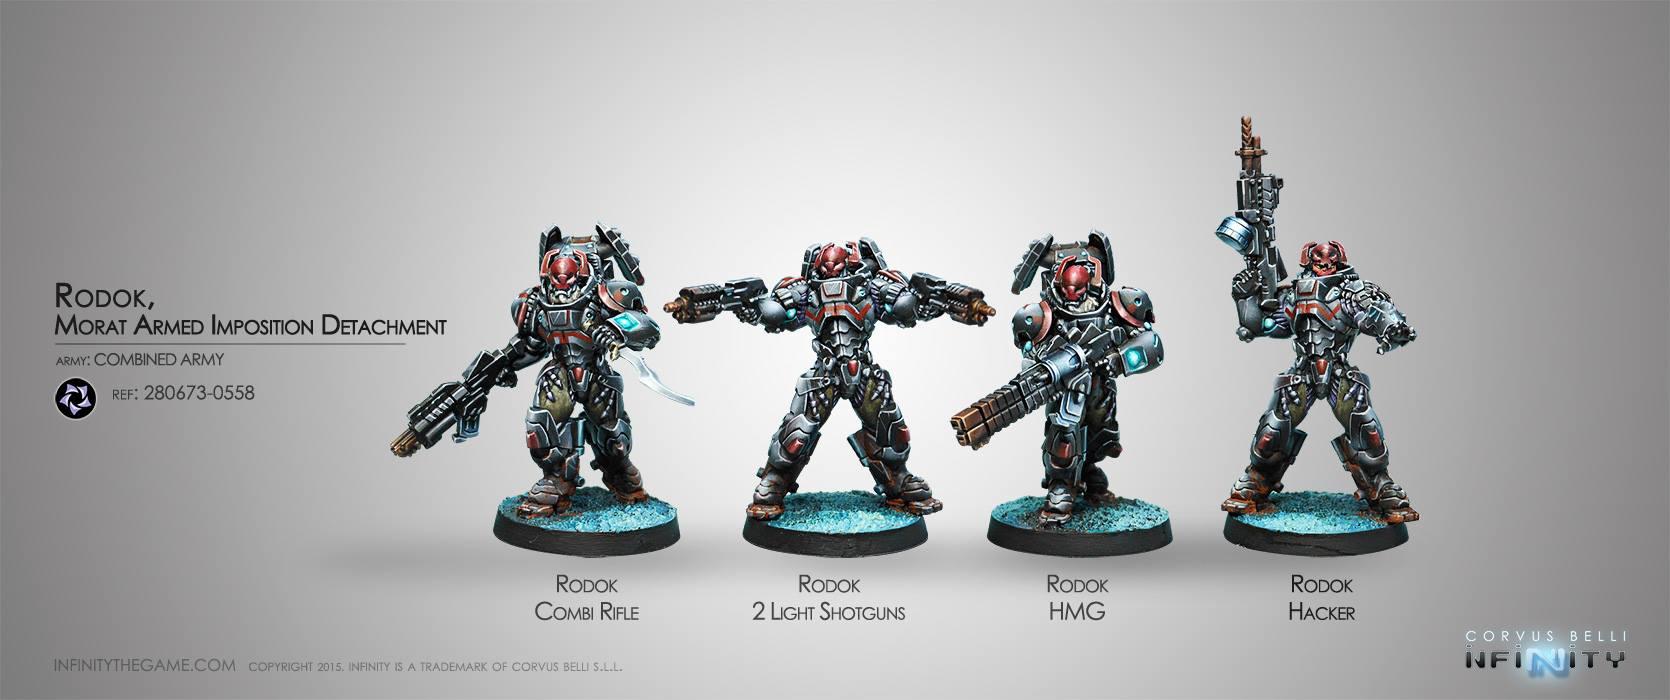 Rodok, Armed Imposition Detachment (Box set of4)